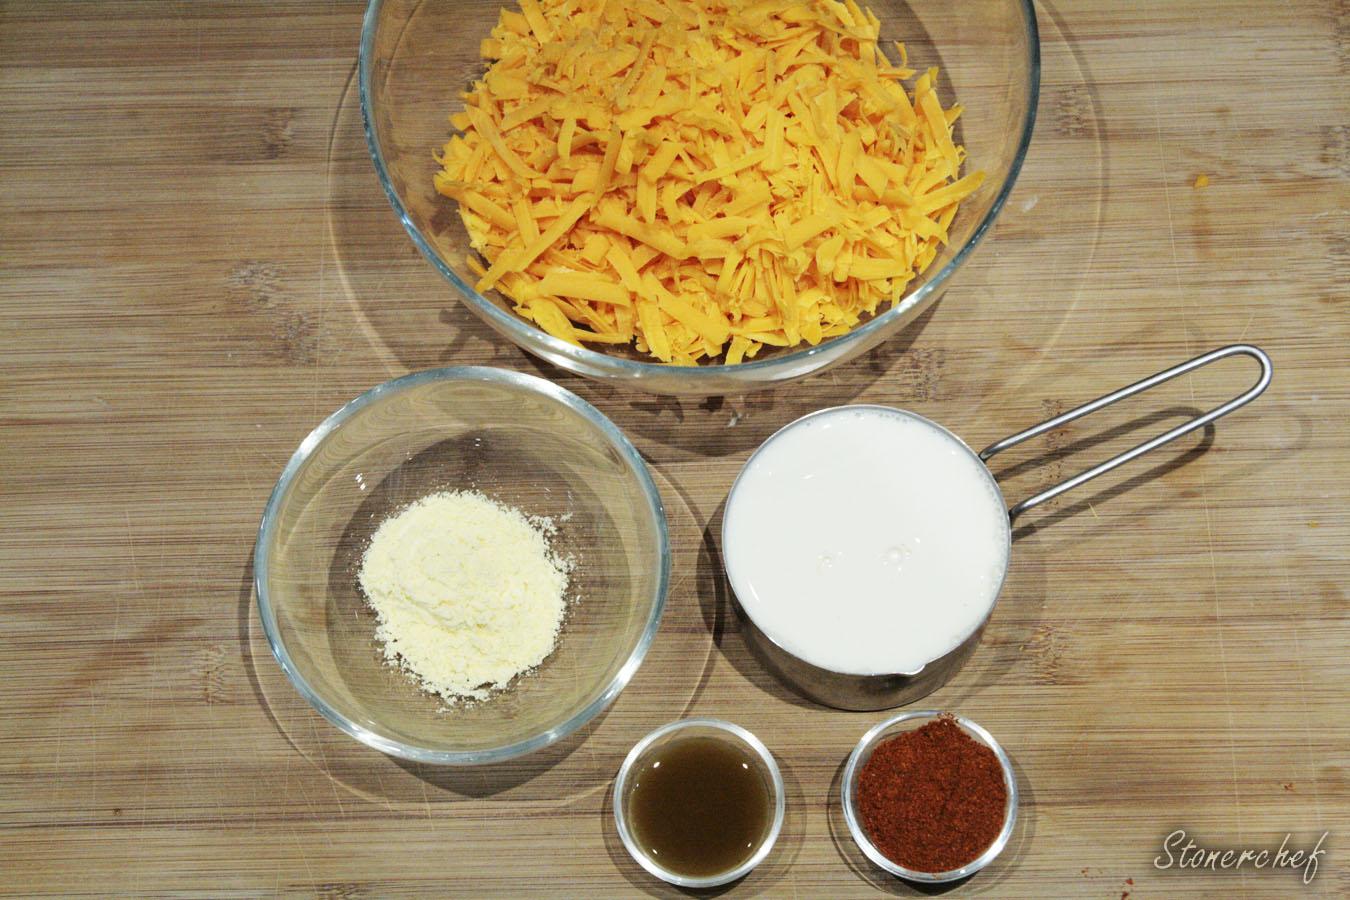 składniki na sos cheddarowy